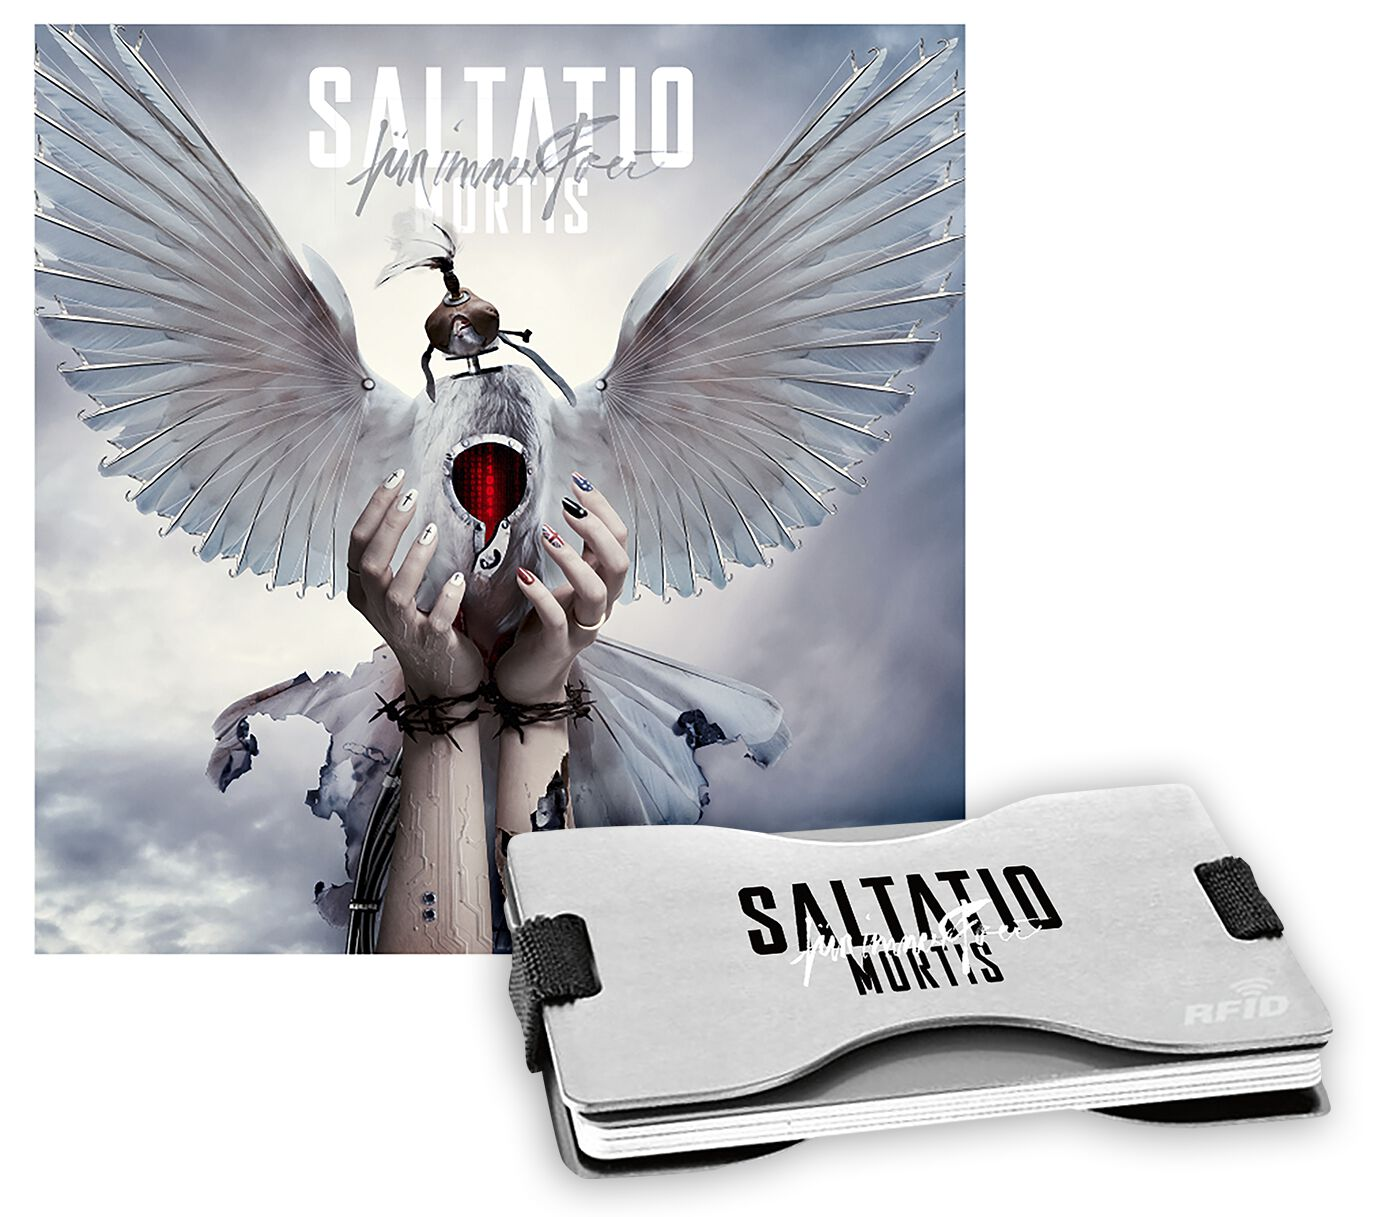 Image of Saltatio Mortis Für immer frei CD & Cardholder Standard